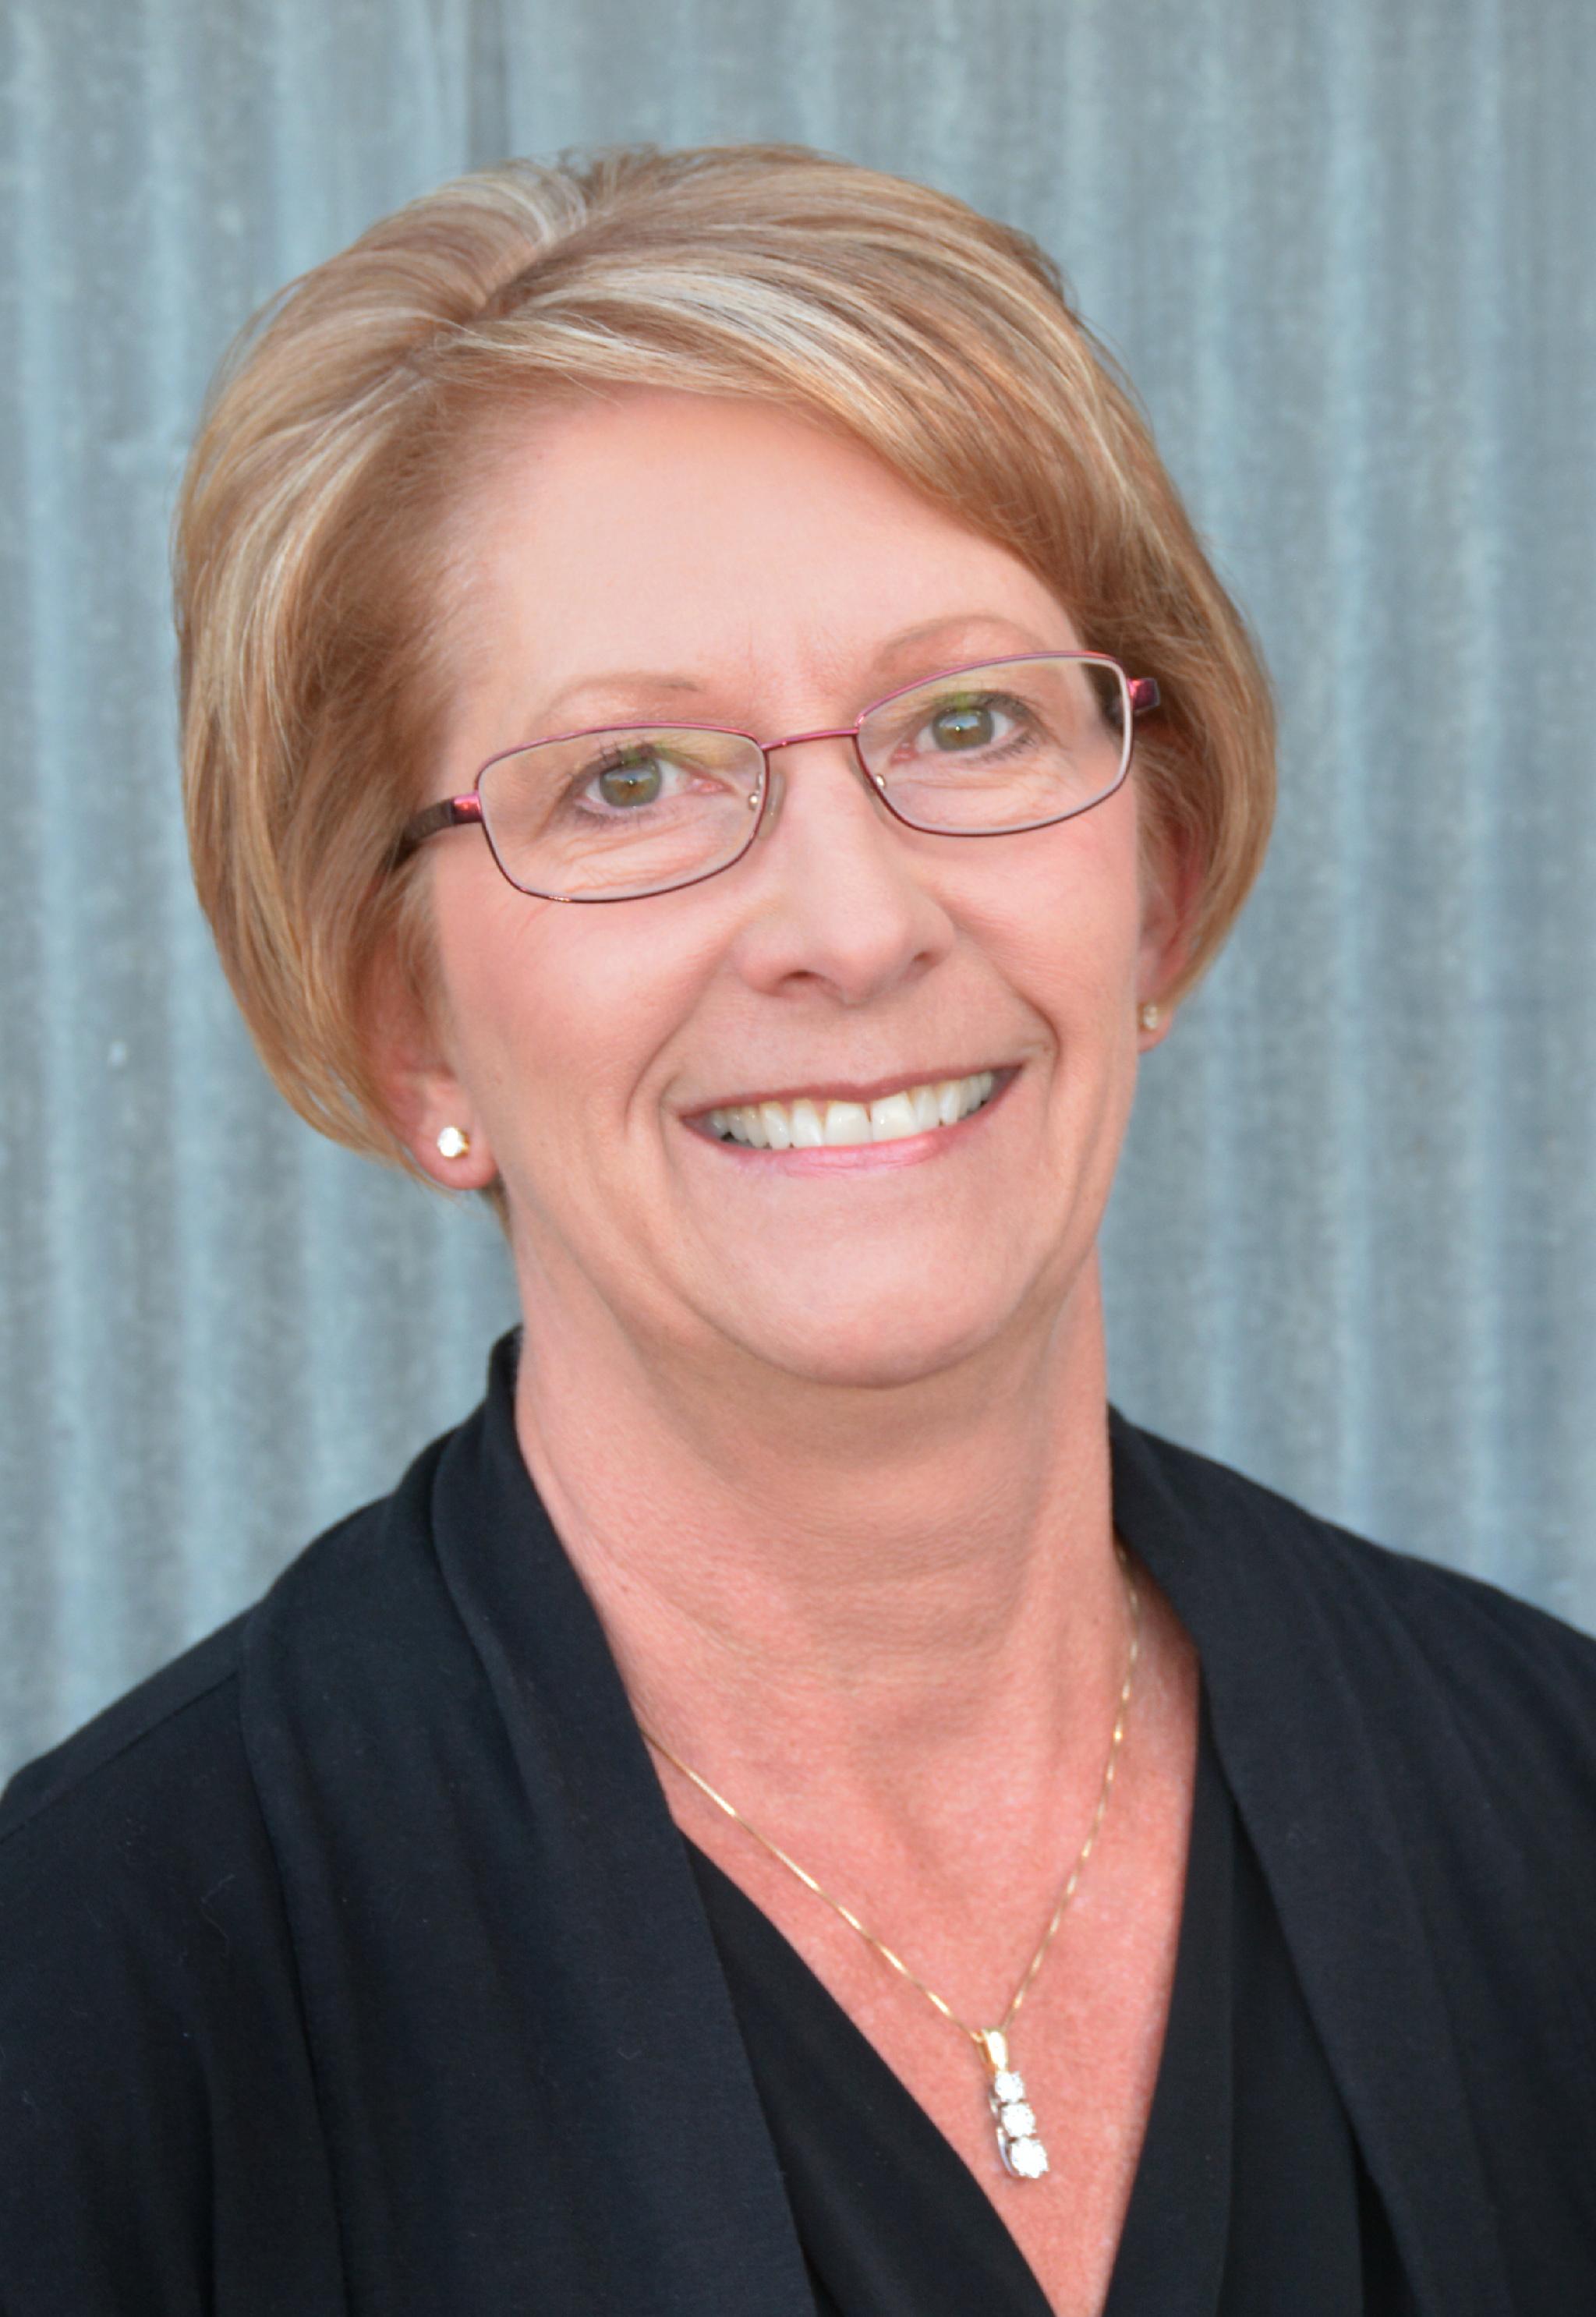 Paula Carper